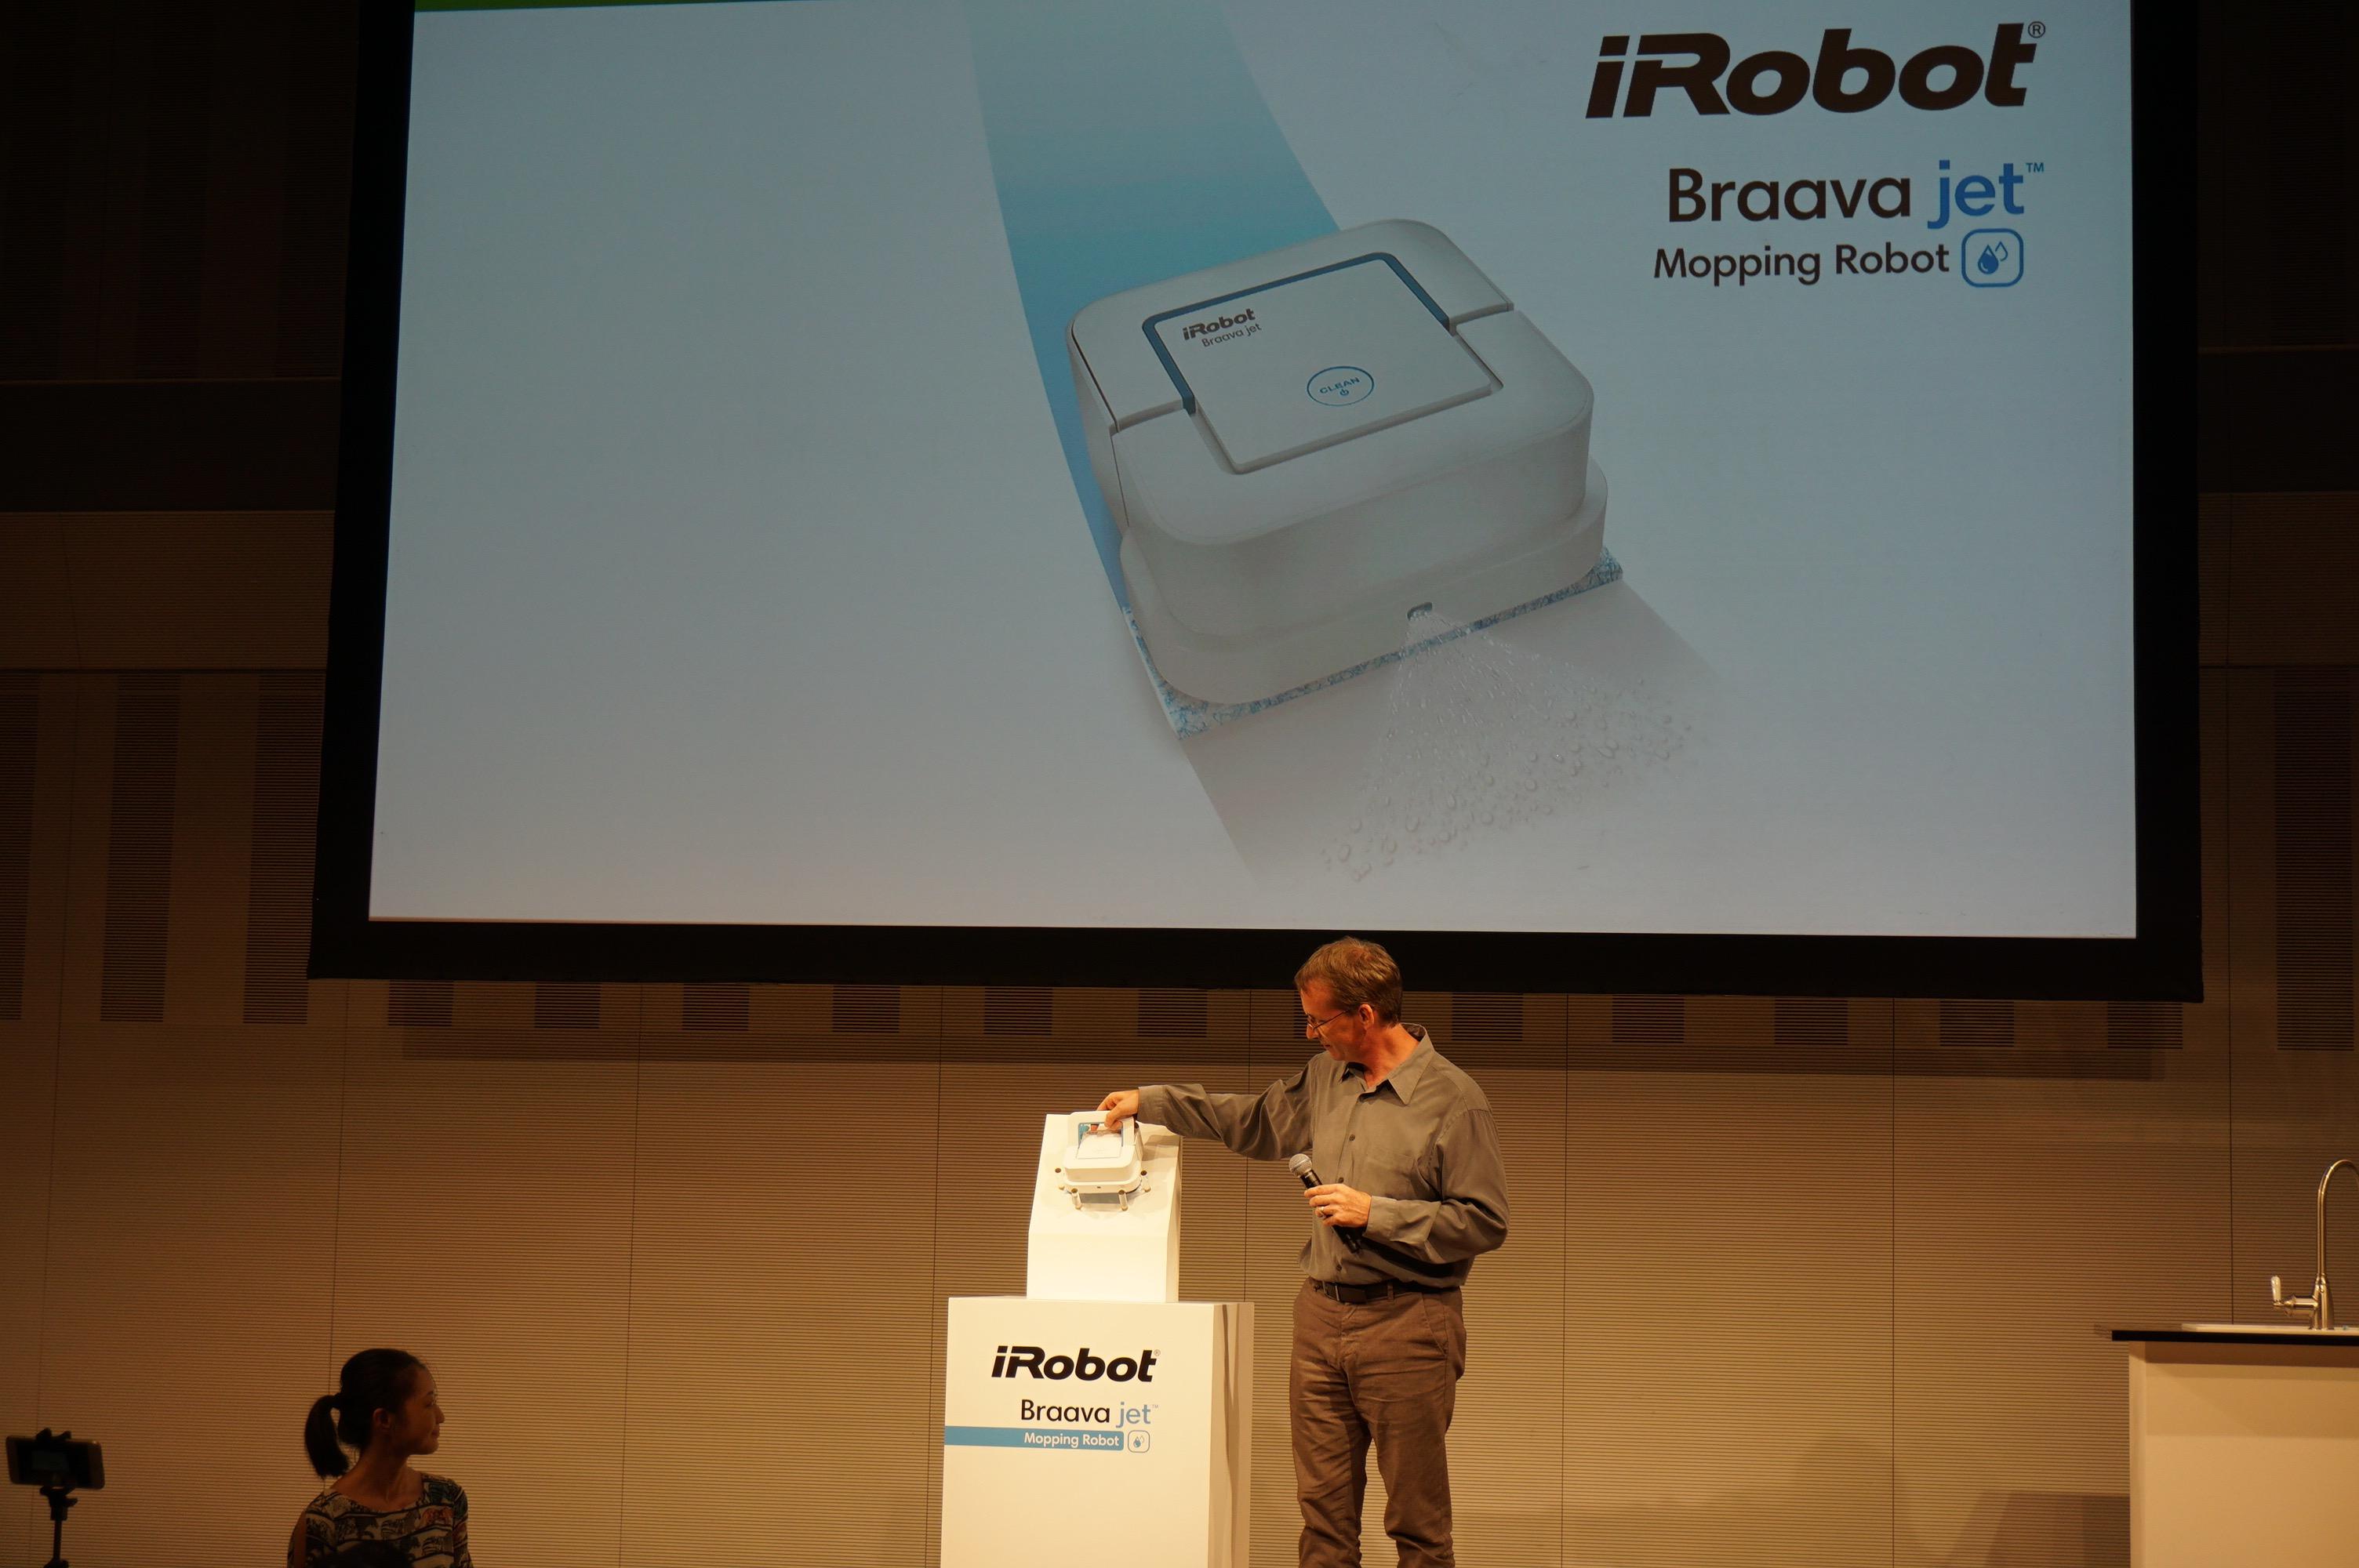 irobot080402